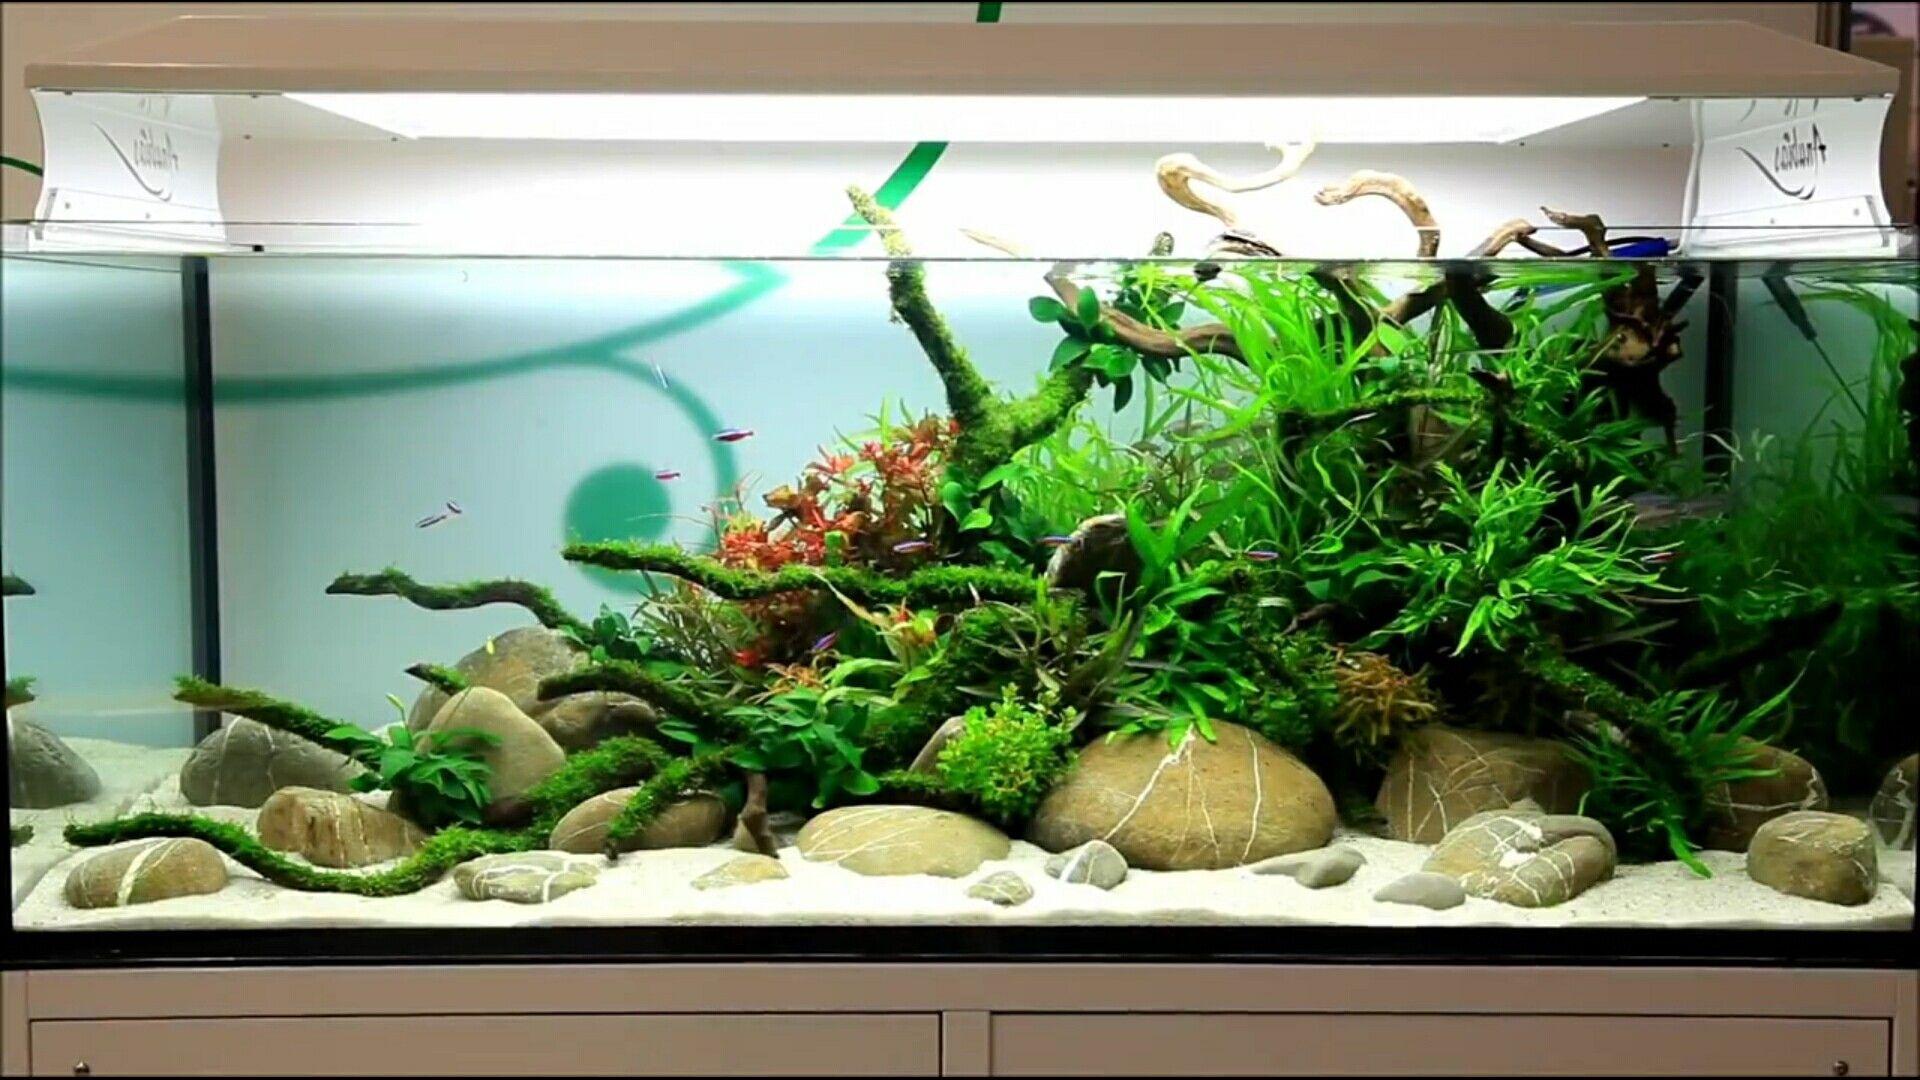 049aa52f9cb5f10c7309d92d3b1b8a80 Incroyable De Aquarium Deco Des Idées